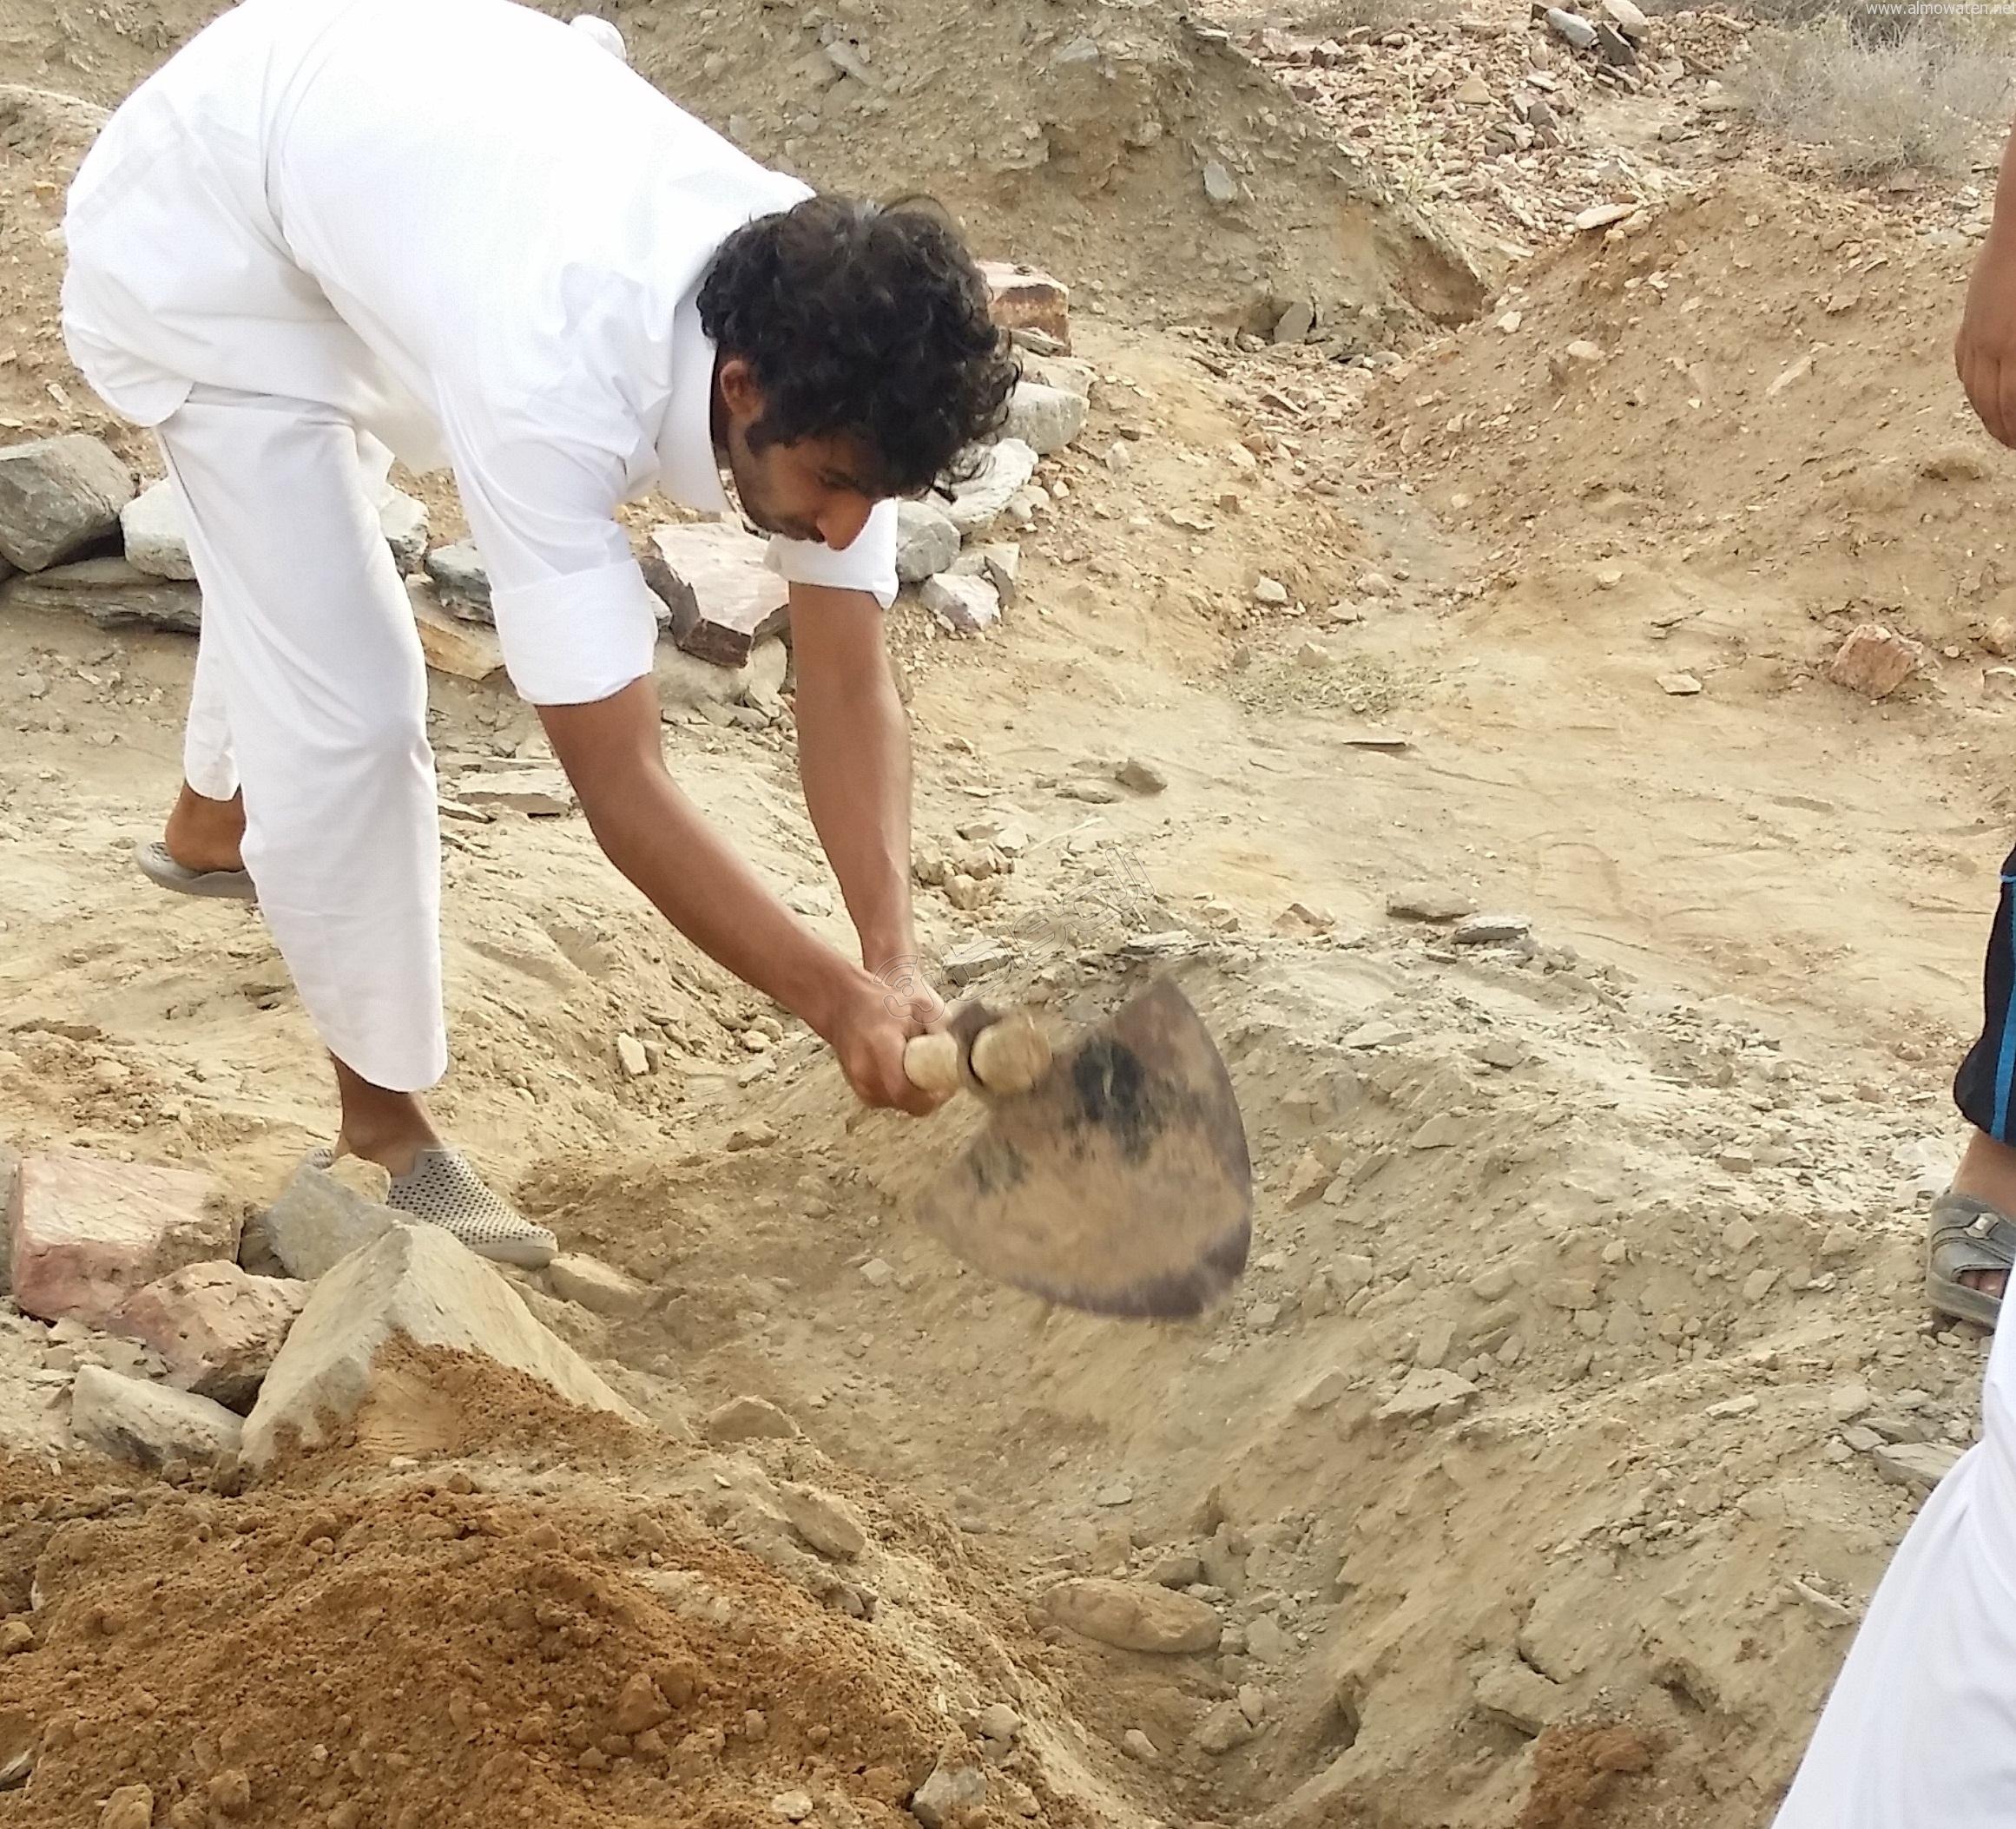 شباب #وادي_العرج ينقذون مقابرهم من السيول وبلدية #أضم غائبة (2)